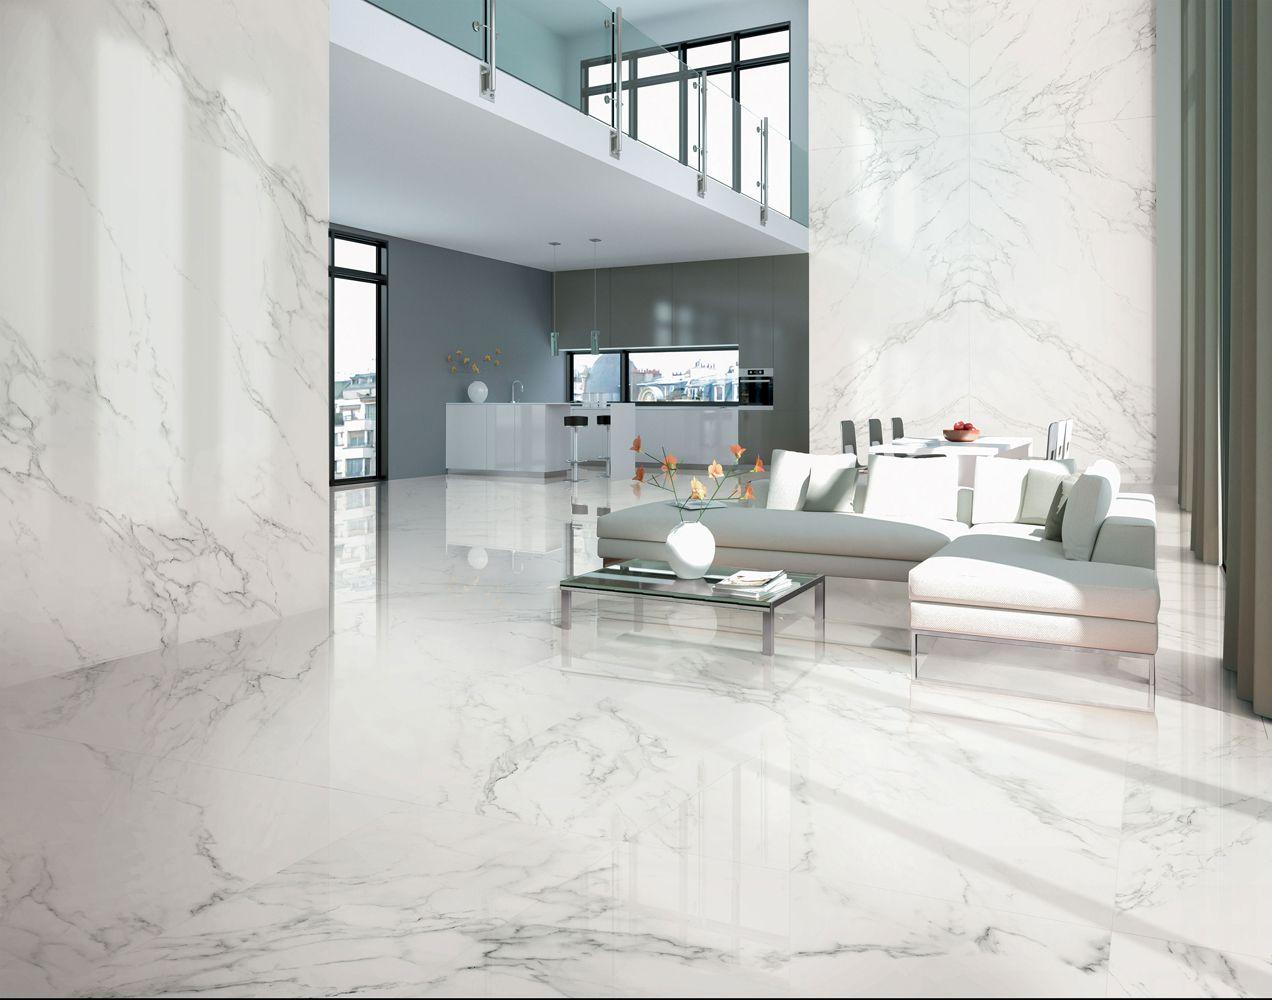 Ava Ceramica Marmi Statuario Floor tile design, Home decor